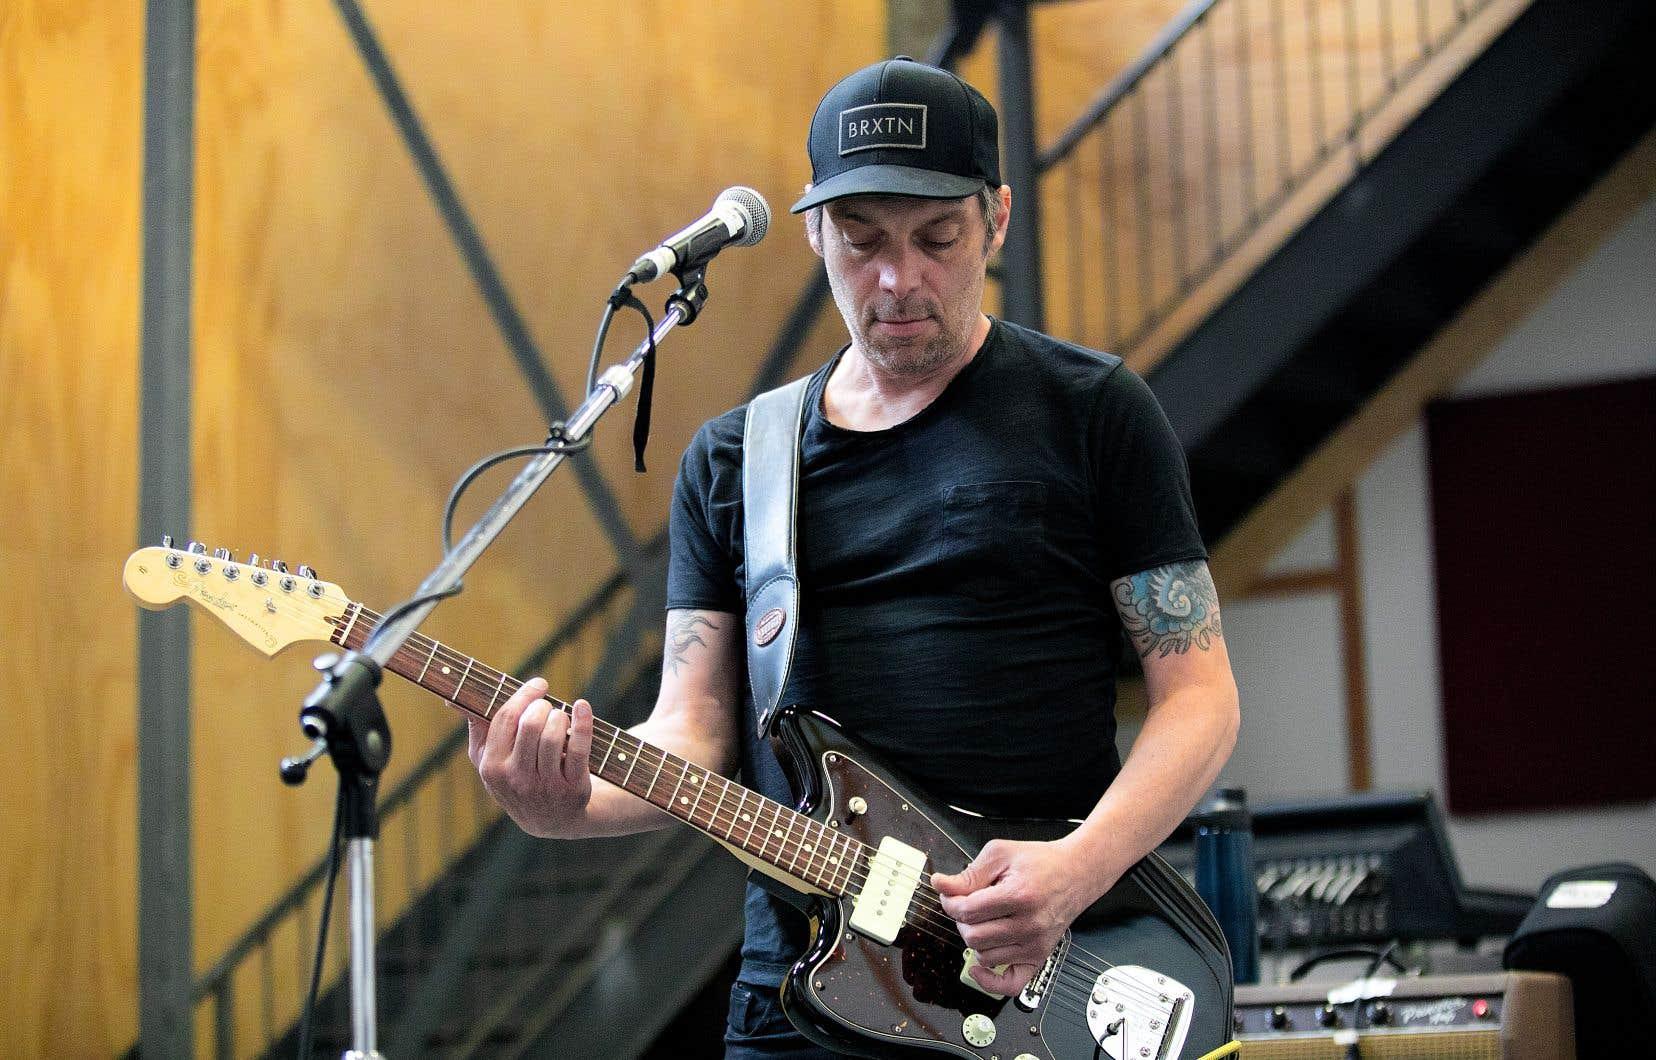 En spectacle, l'artiste ne gardera du nouvel album que les chansons qui trouvent leur place dans le plan d'attaque.